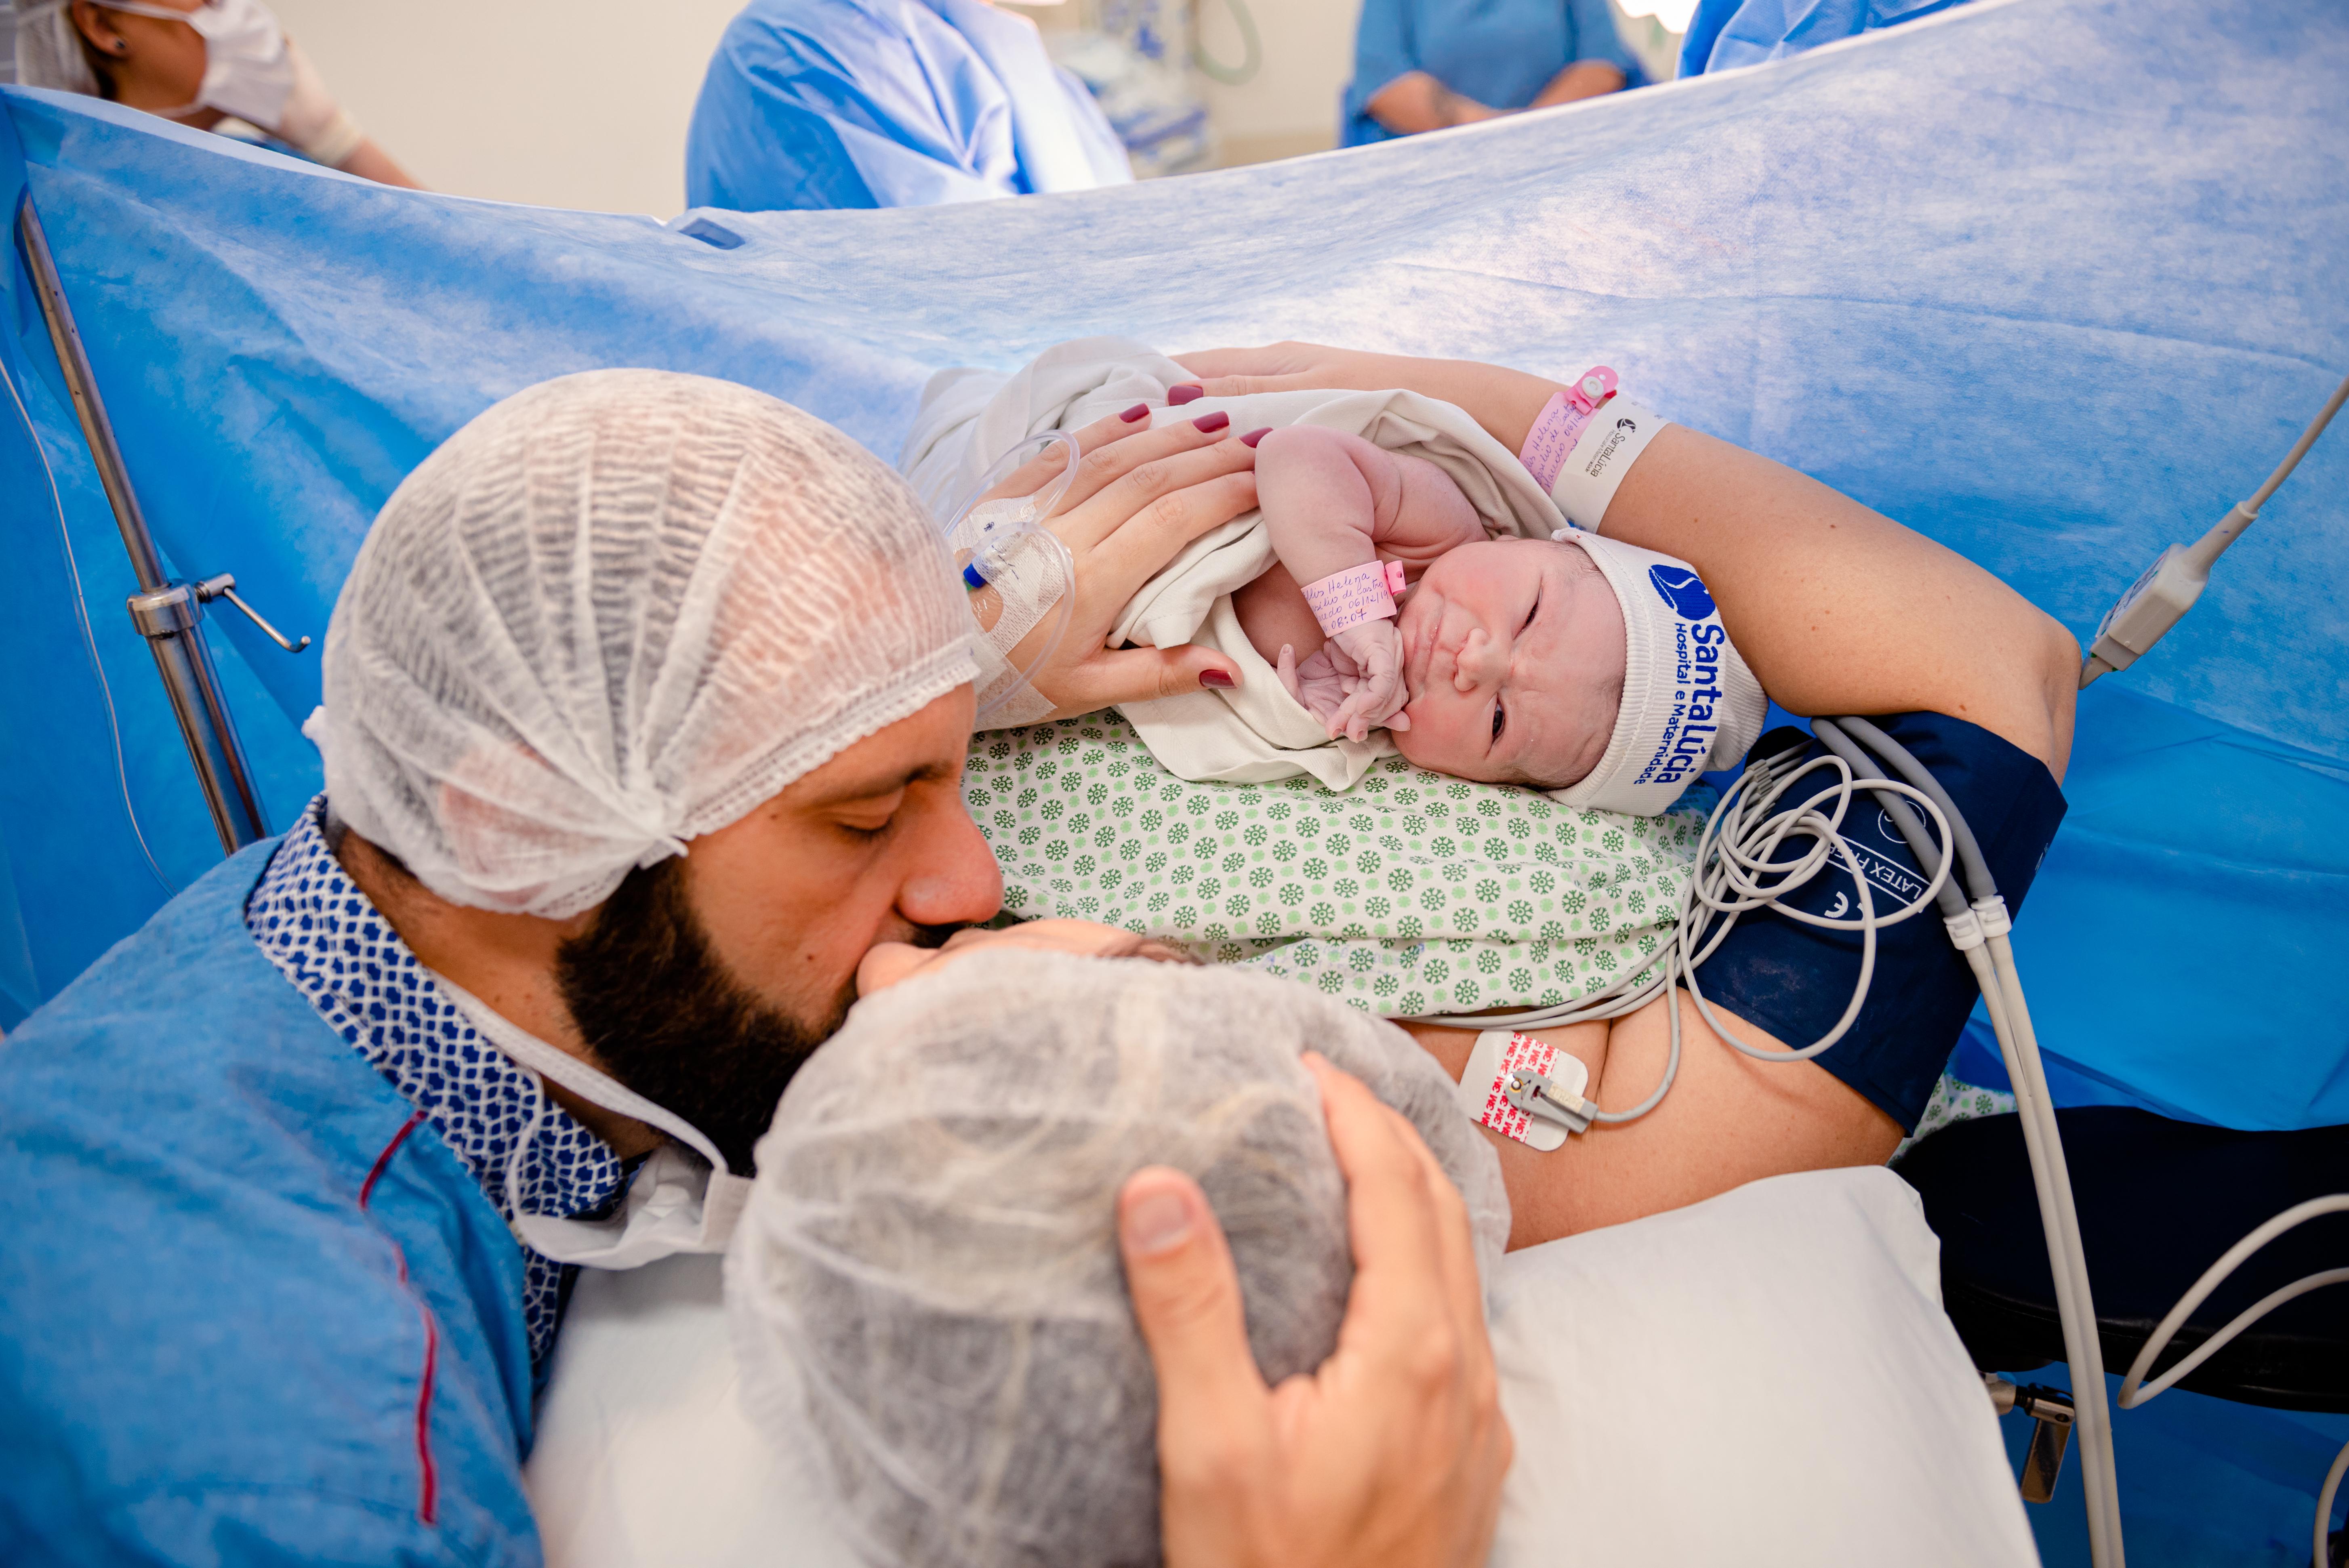 fotógrafo de parto rj